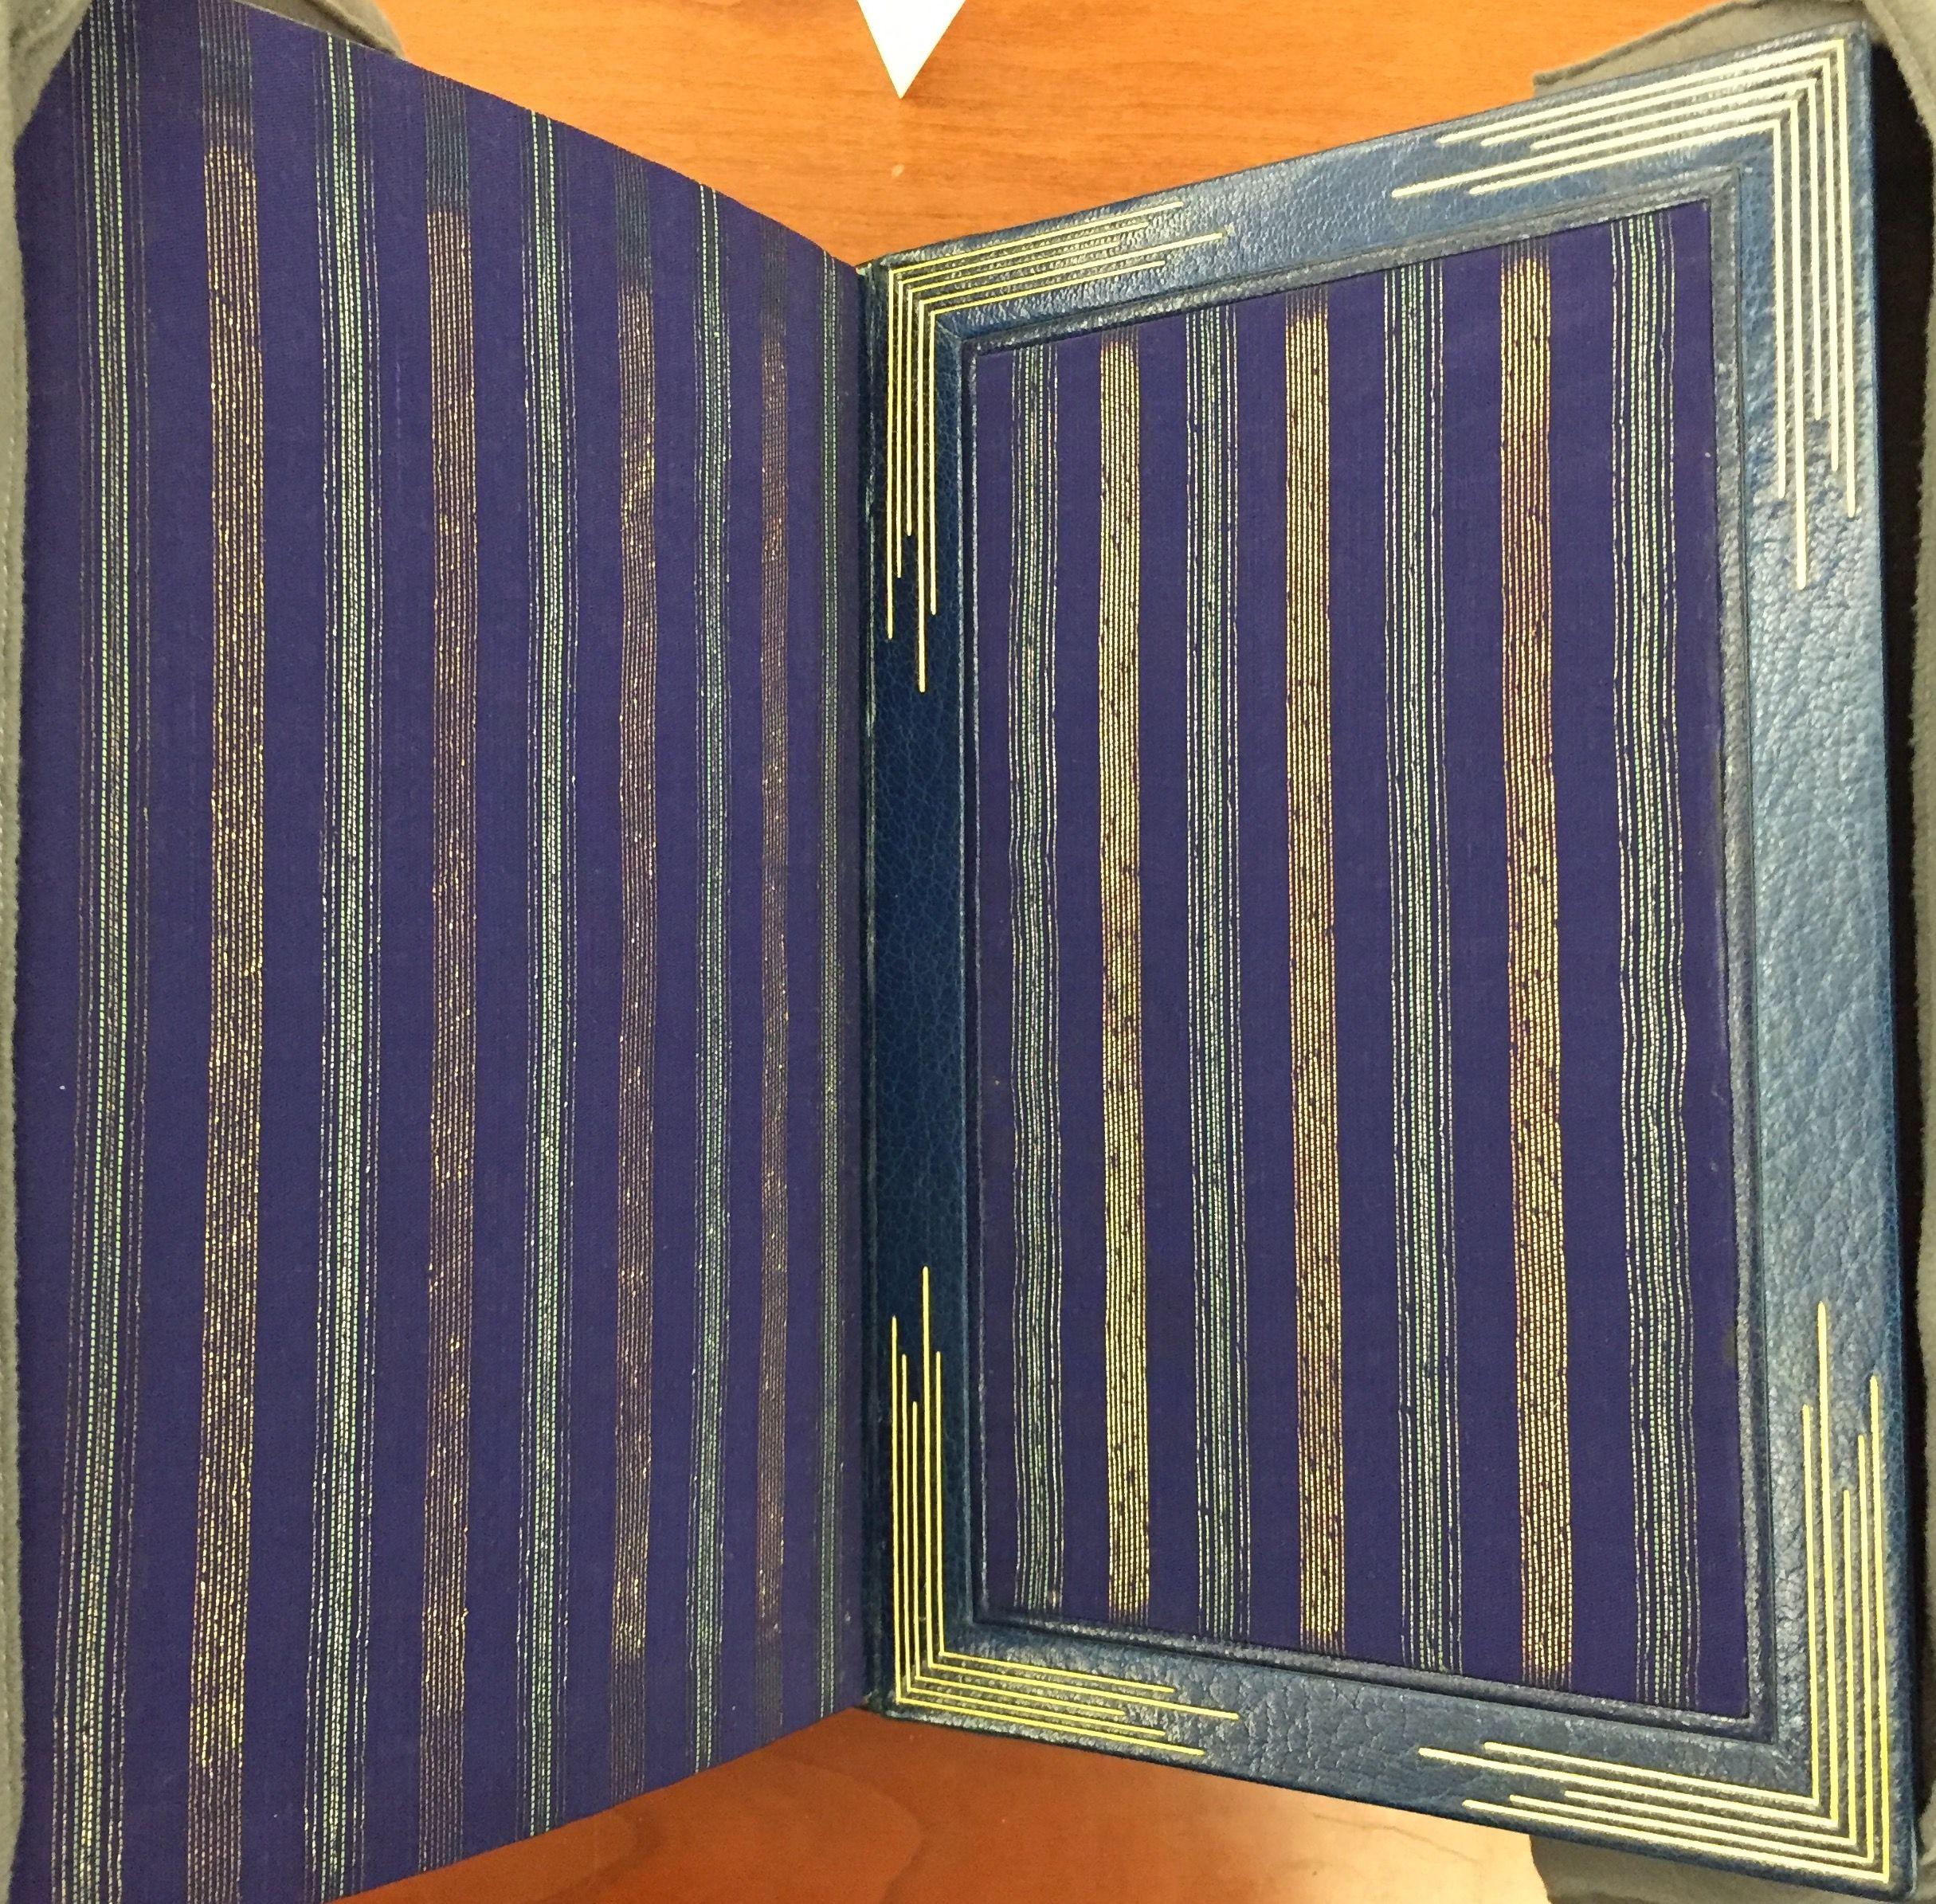 Owl's Clover, 1936, binding by René Aussourd, interior.